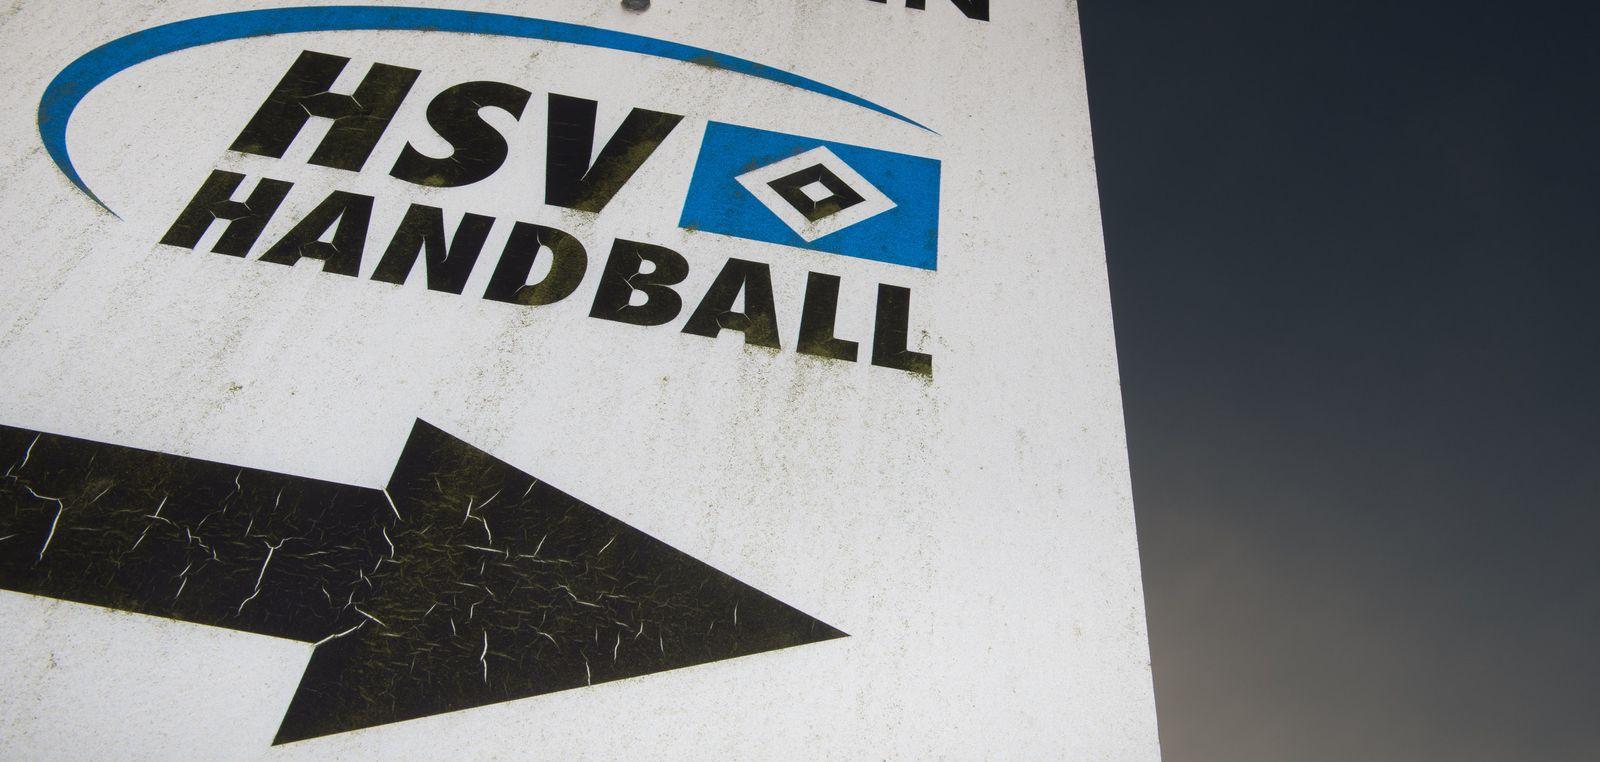 HSV Handball - Geschäftsführung